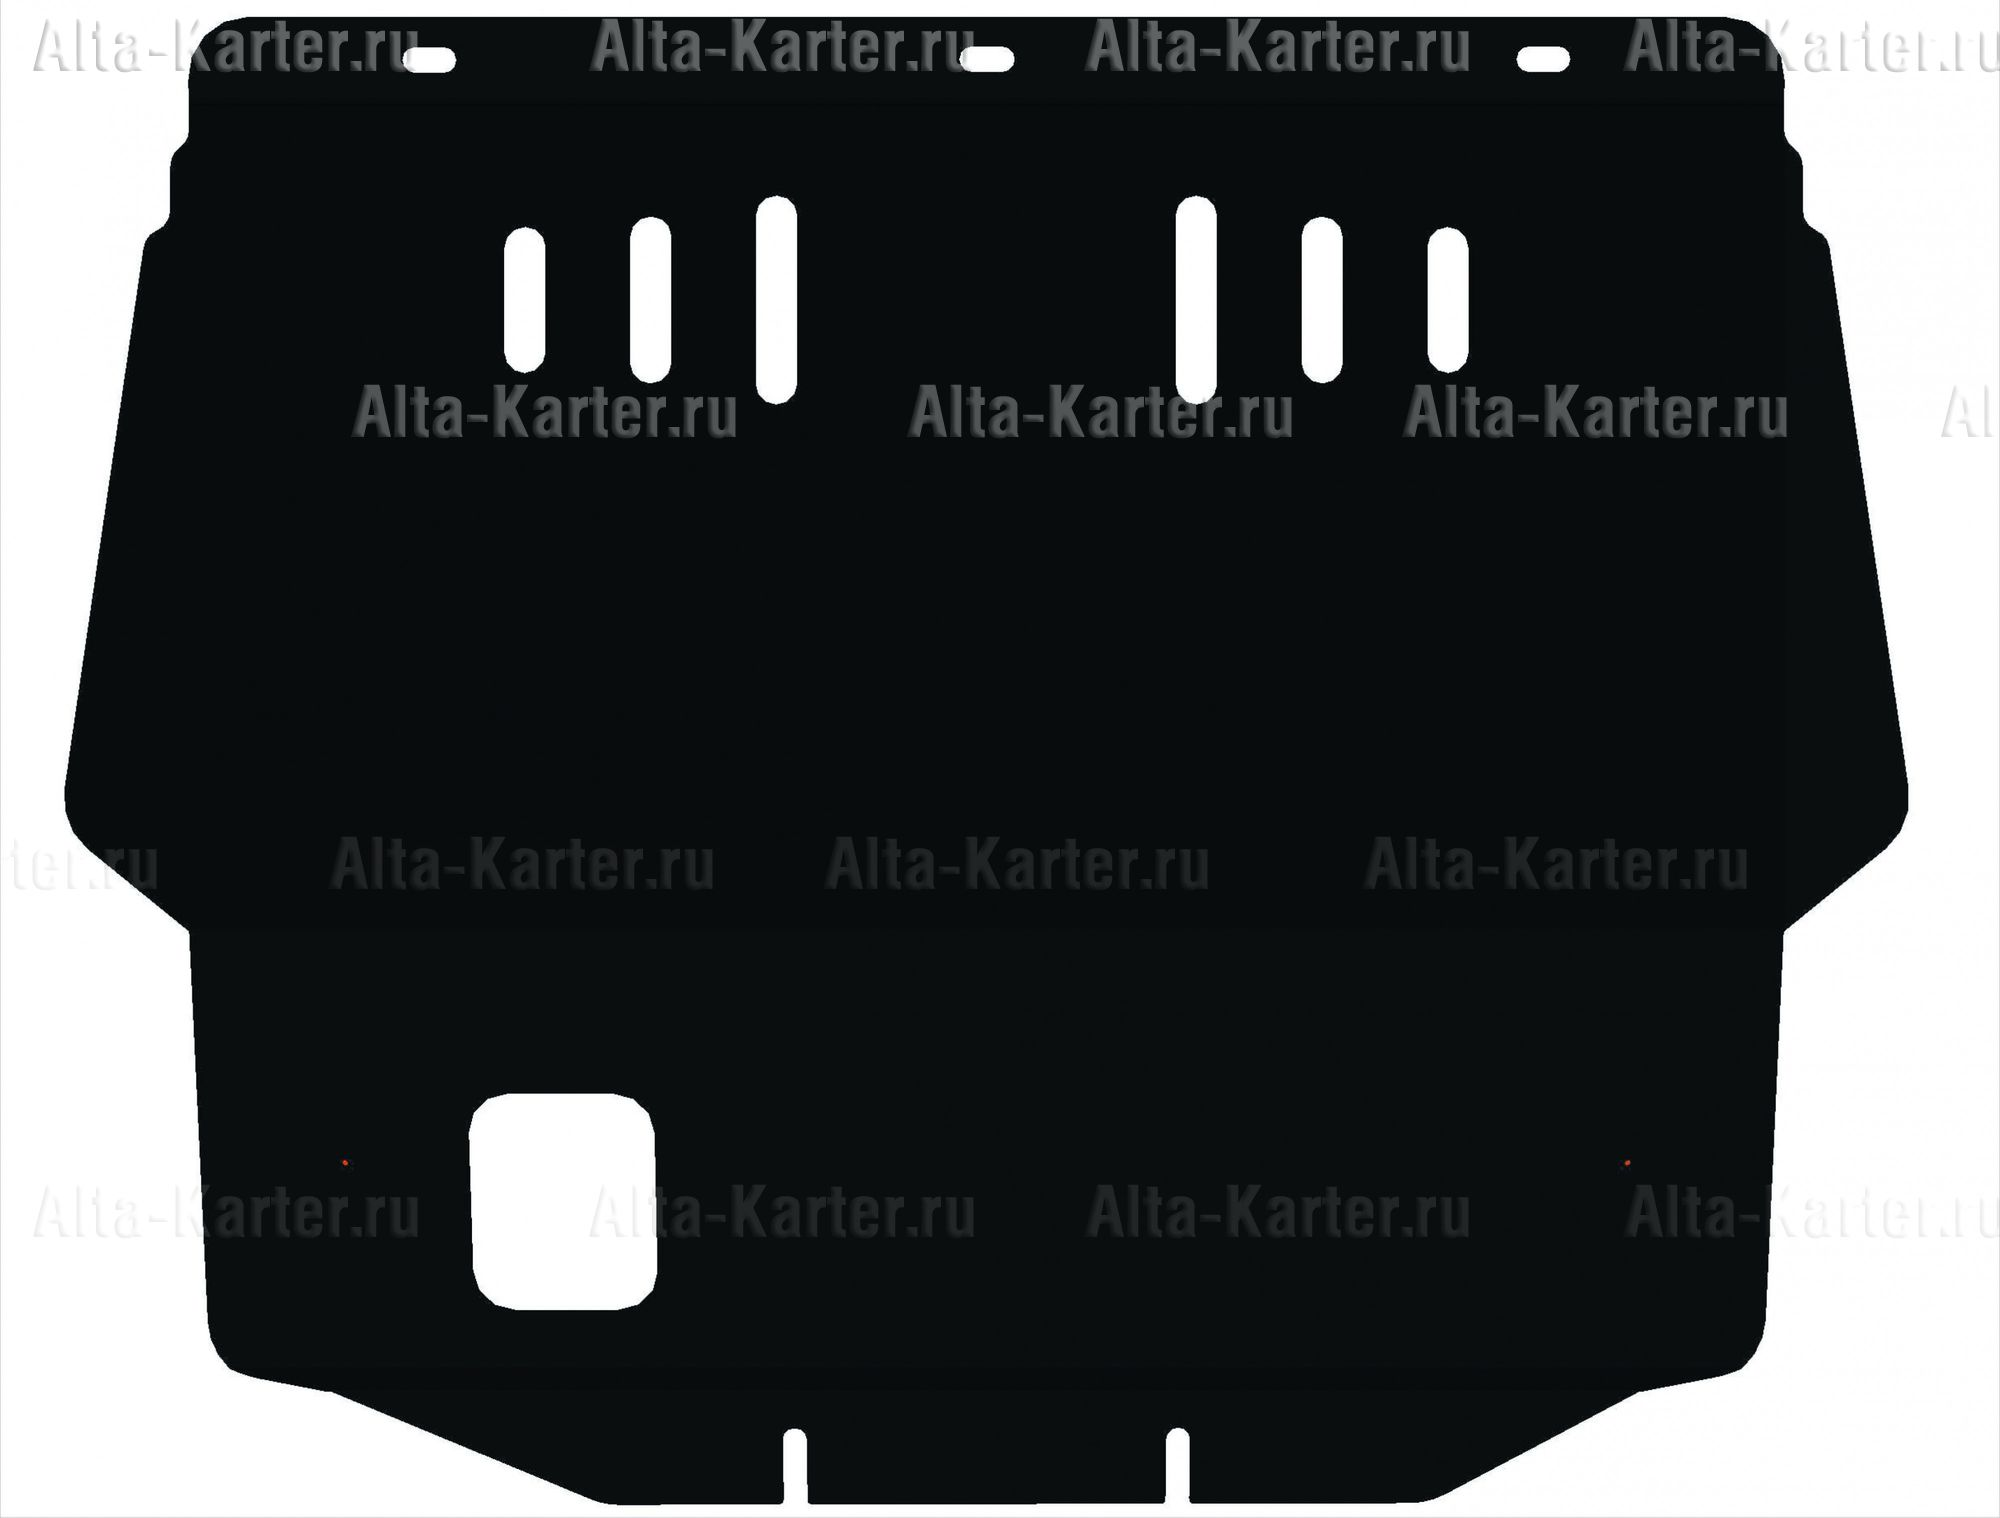 Защита Alfeco для картера и КПП Renault Kangoo I 1998-2003. Артикул ALF.04.05